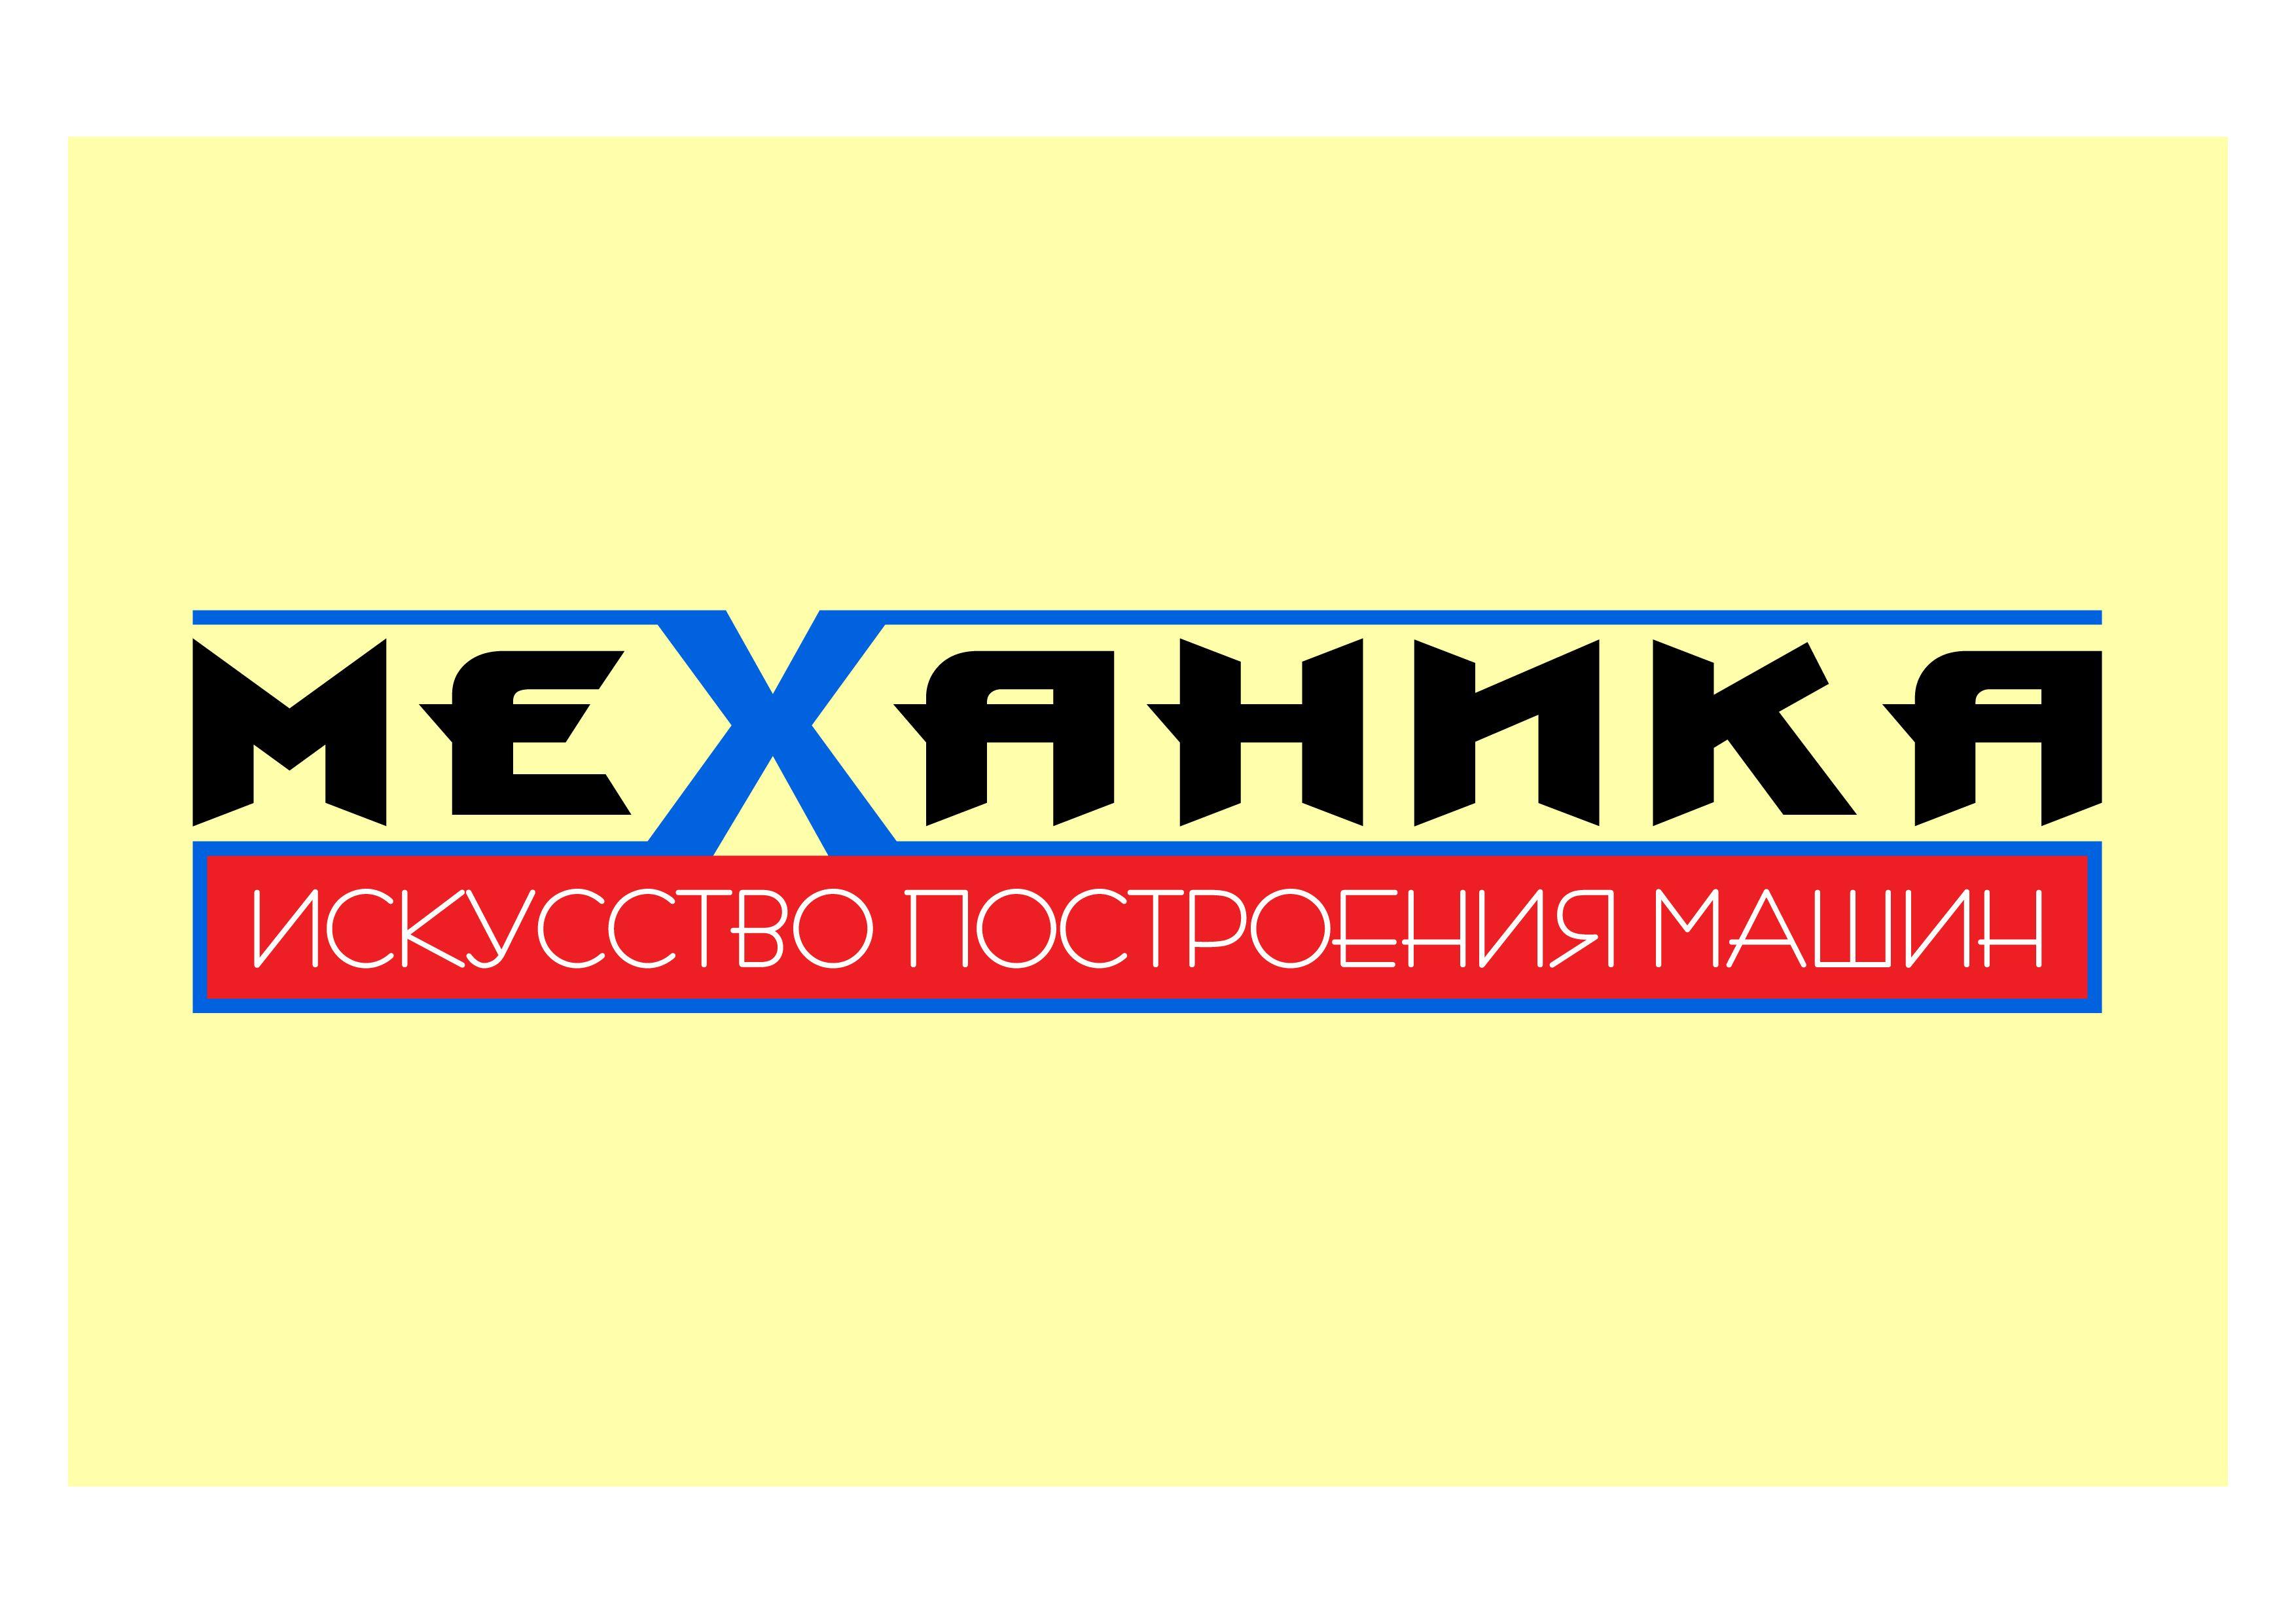 Логотип для магазина автозапчасти 'Механика' - дизайнер VVVDALLAS